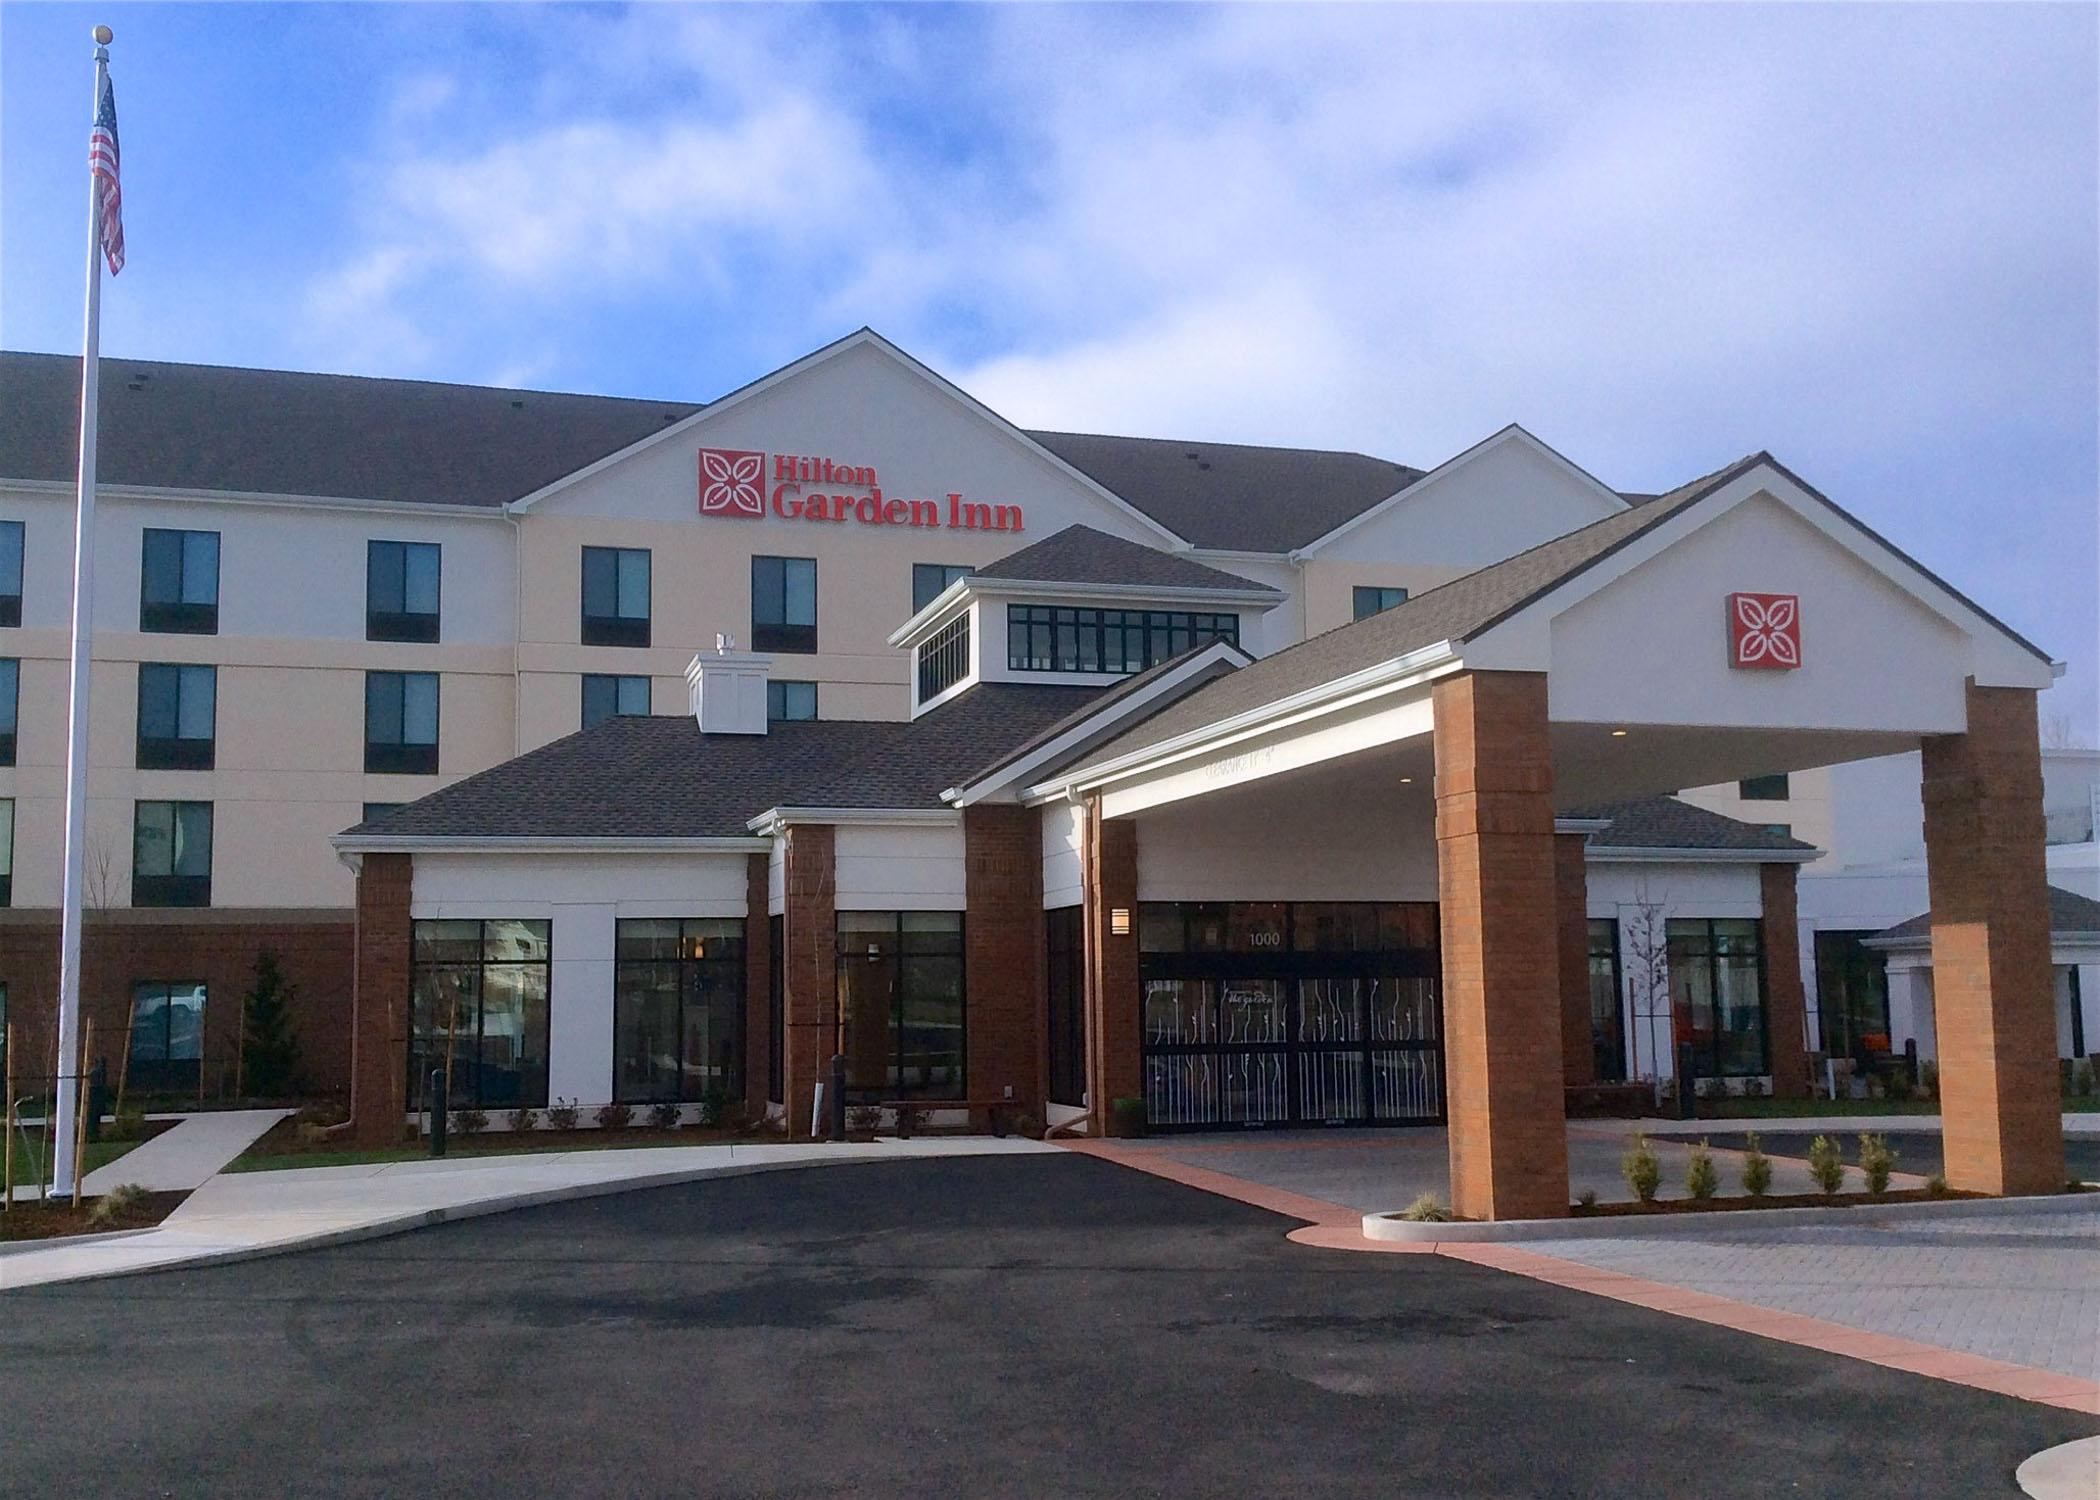 Hilton Garden Inn Medford Oregon Opens InterMountain